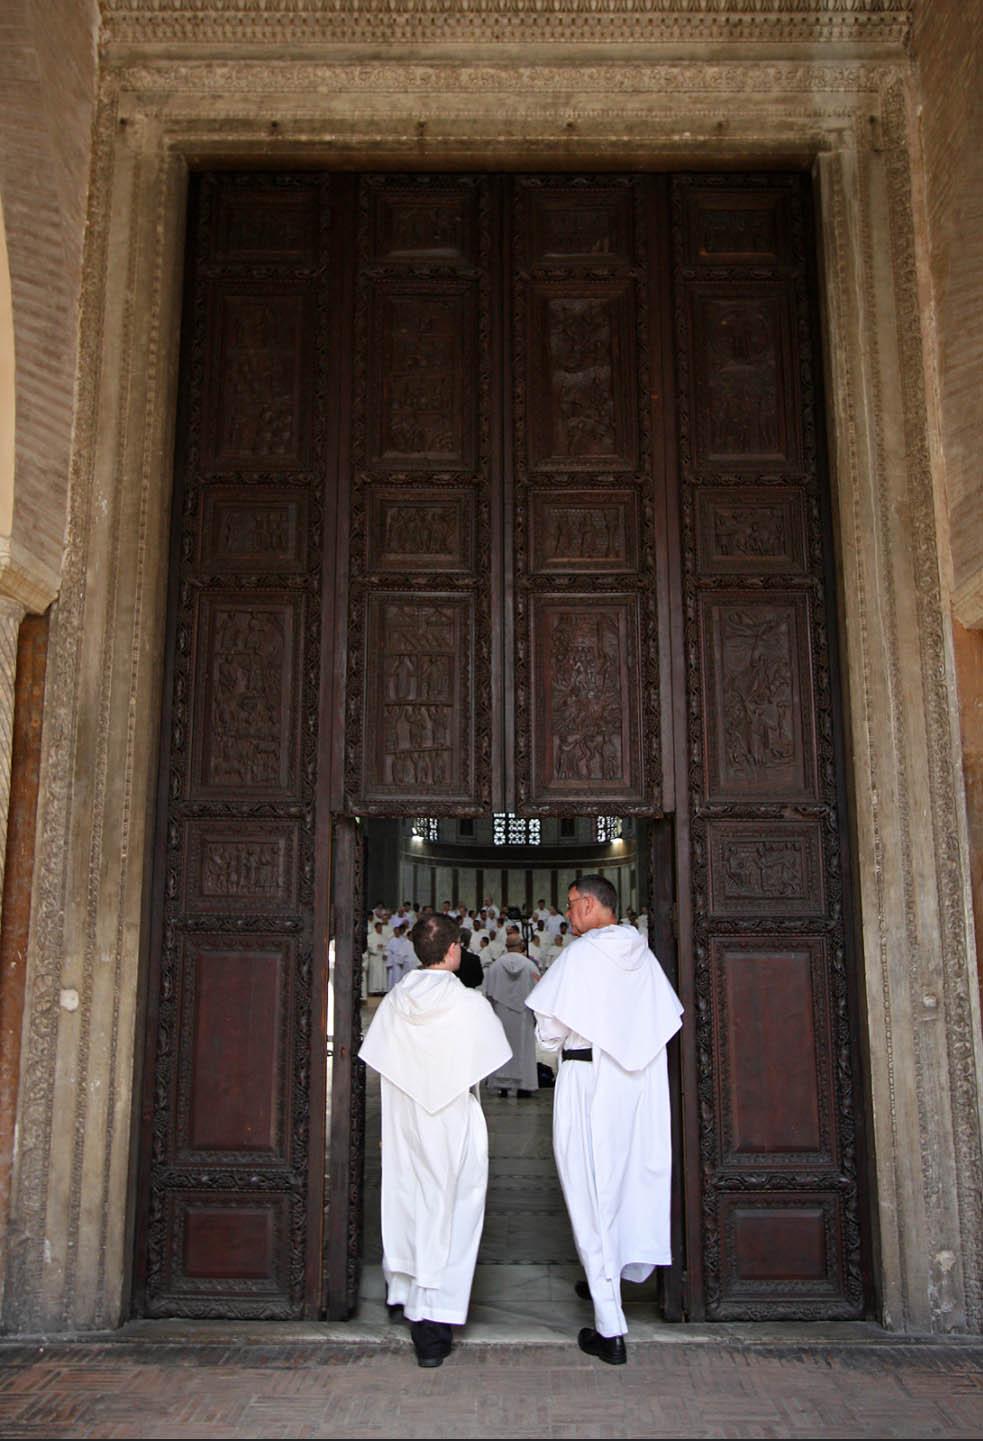 Entrée de la basilique Santa Sabina